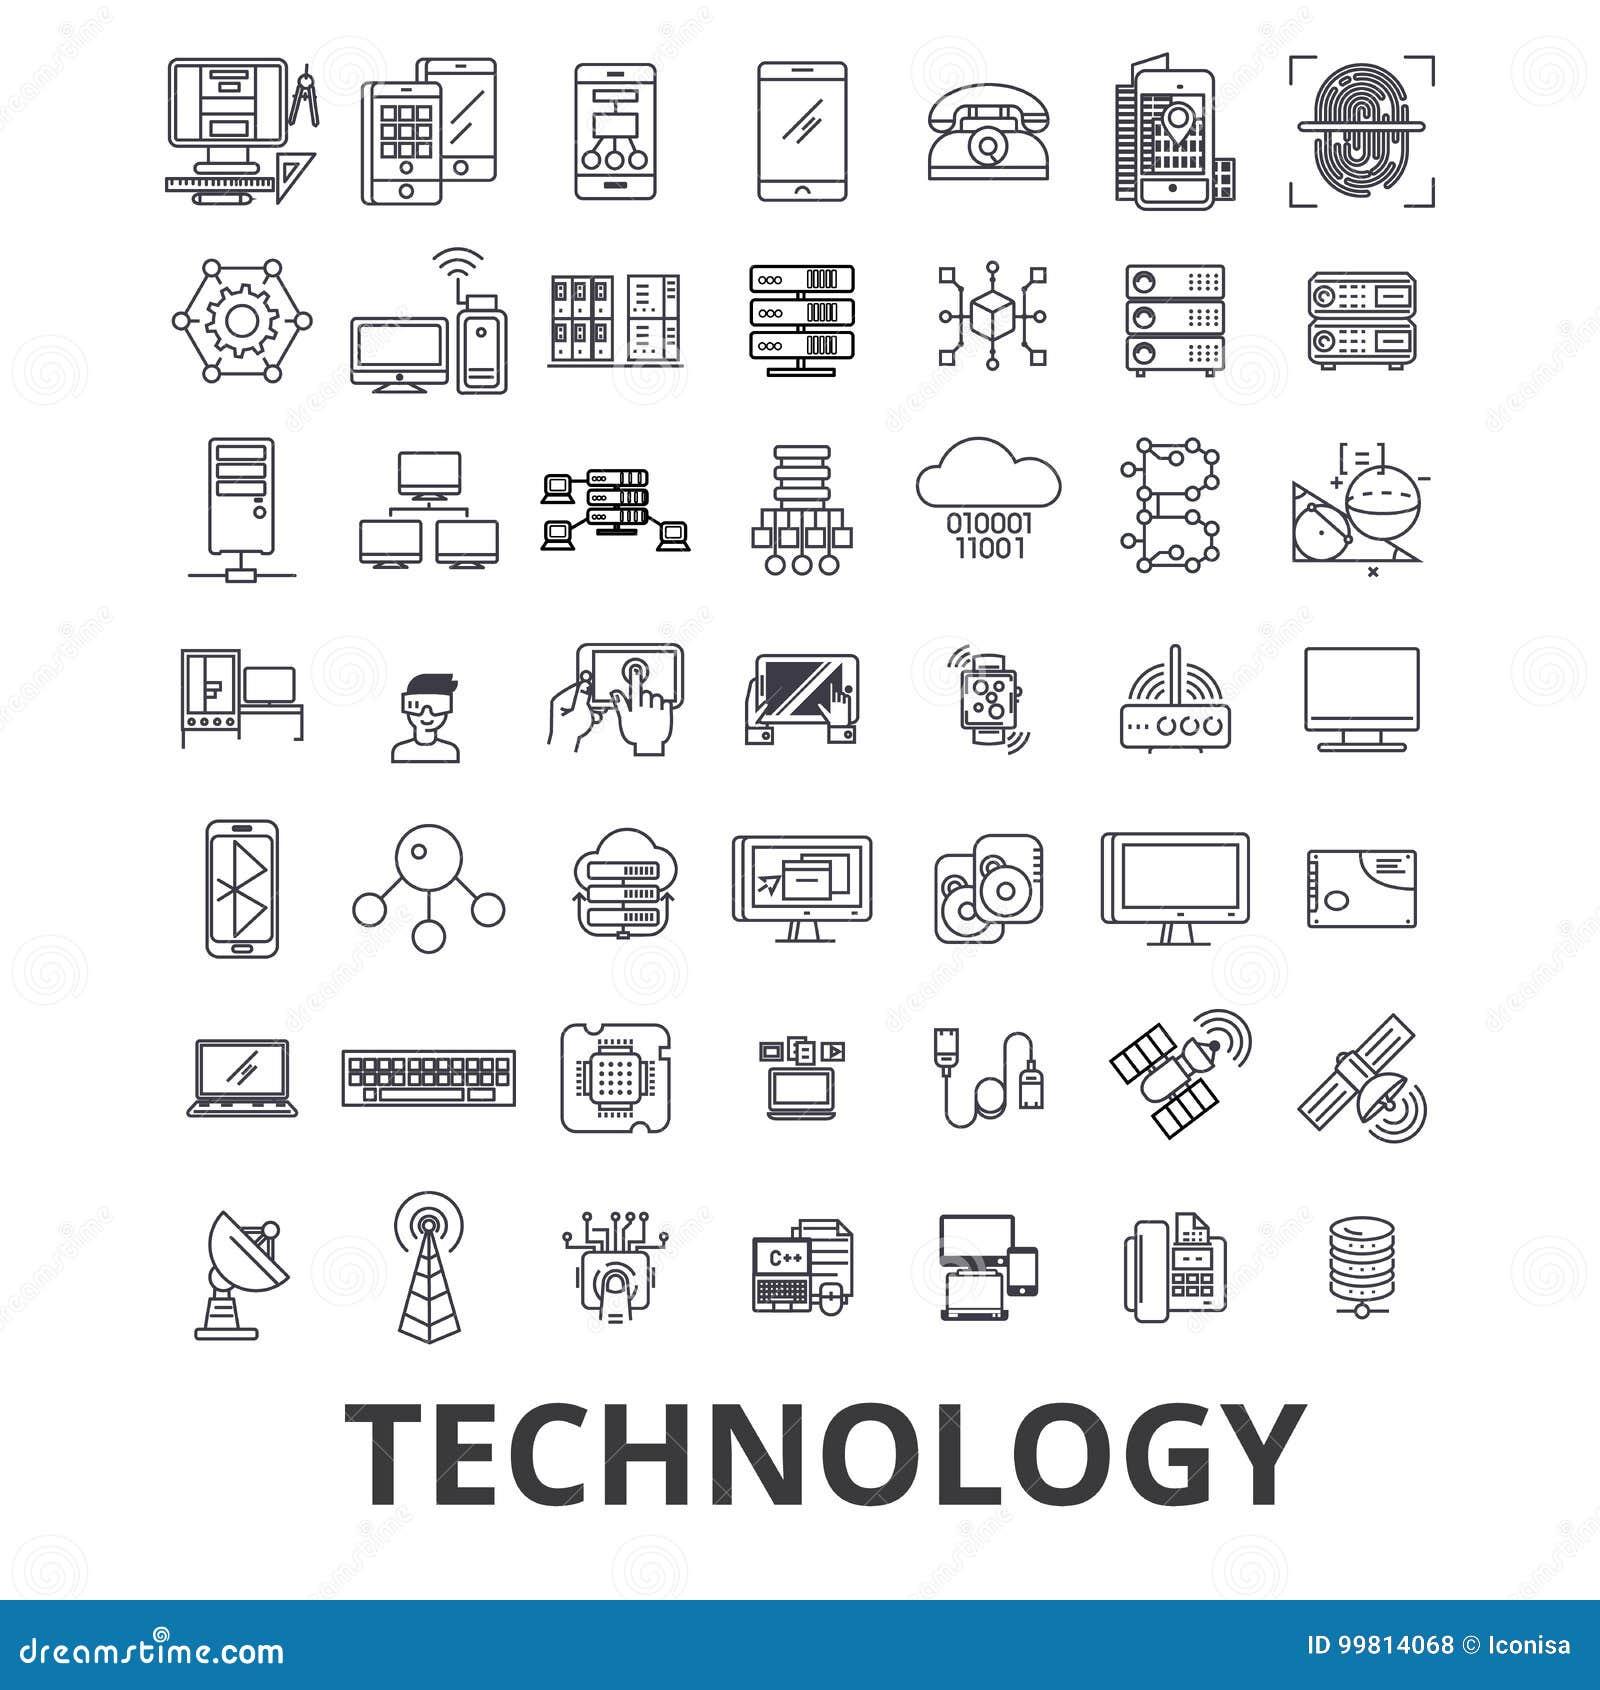 Technologie, Computer, es, Innovation, Wissenschaft, Informationen, Wolkennetzlinie Ikonen Editable Anschläge Flaches Design